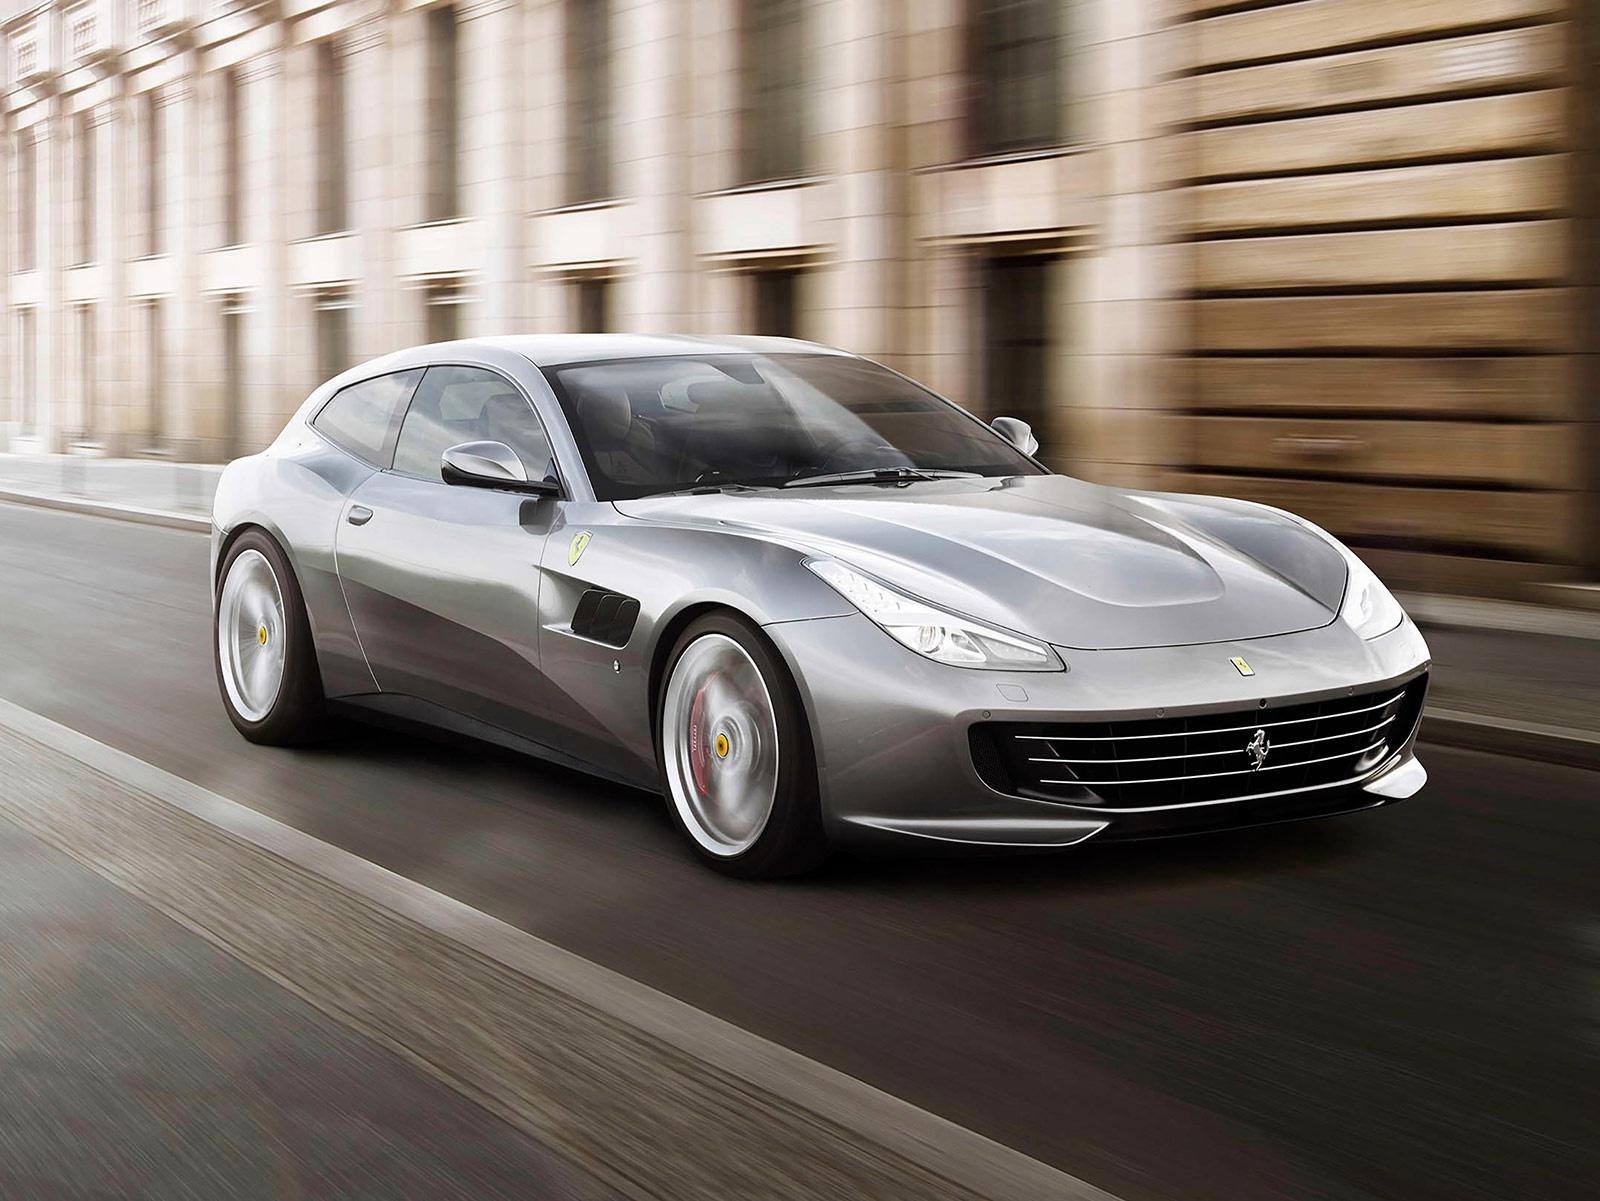 New 2019 Ferrari GTC4LussoT V8